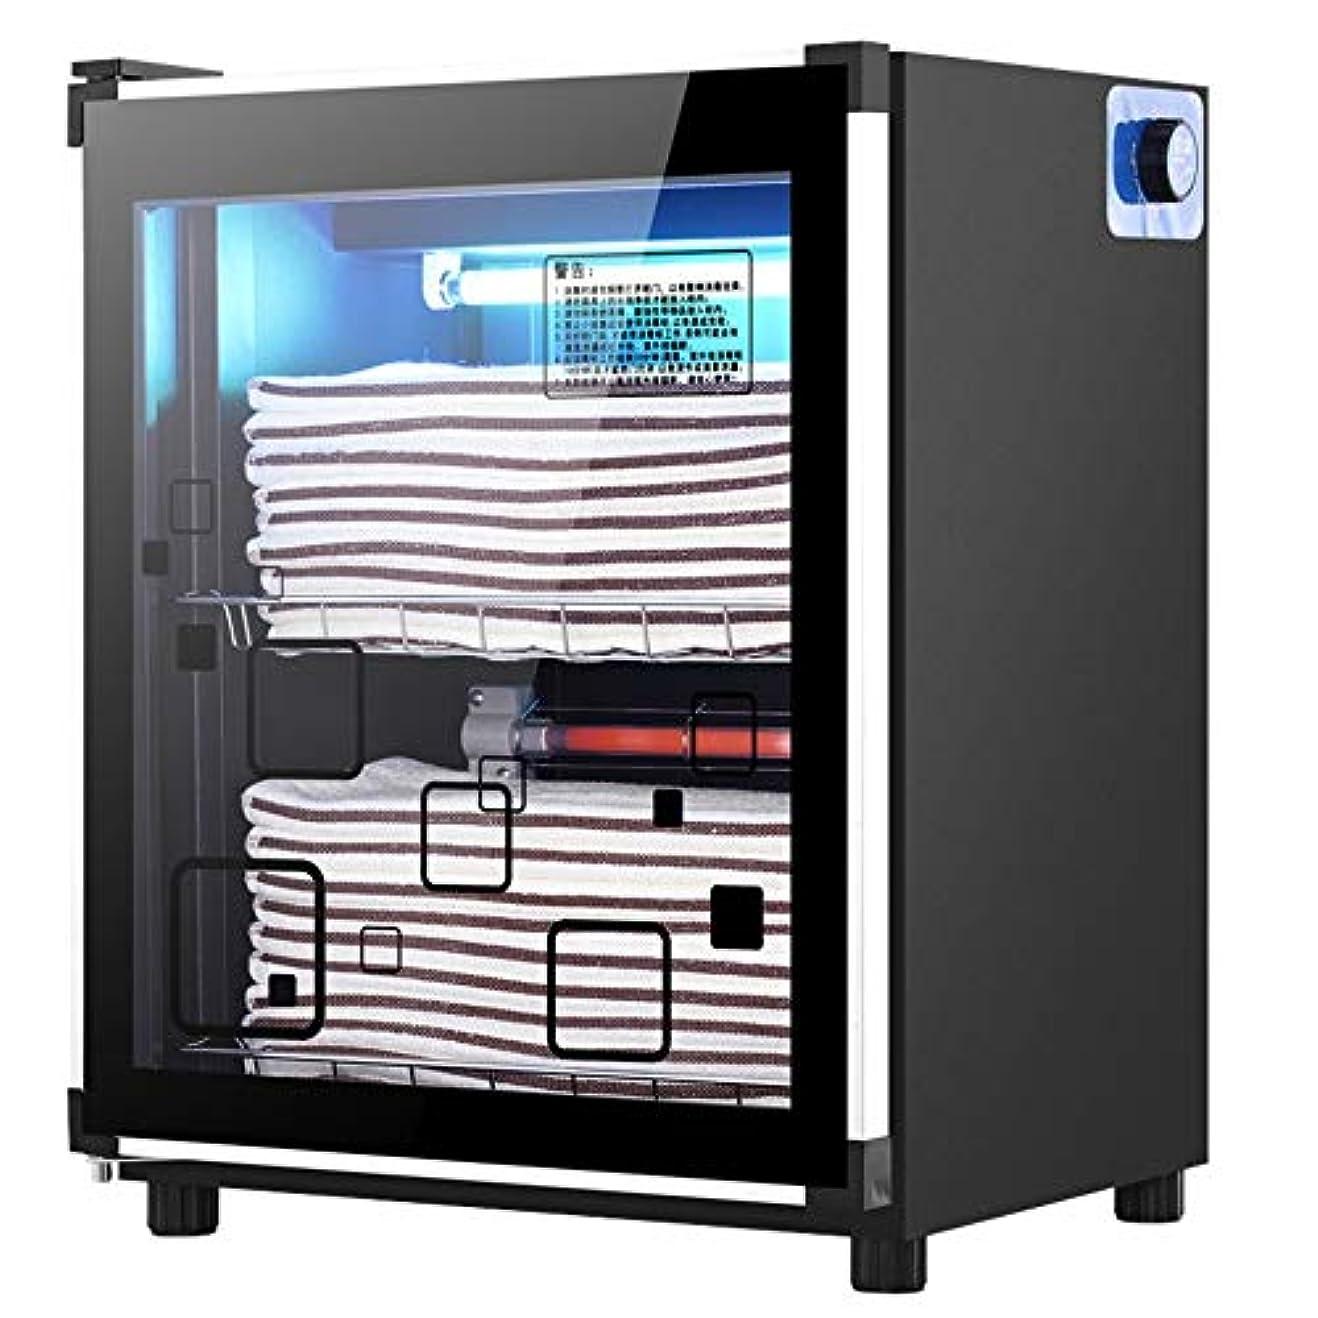 封筒擬人。UVオゾン滅菌キャビネットホットタオルウォーマーウェットタオルヒーター、スパ/フェイシャル/理容室/サロン機器/家庭用(3サイズ)